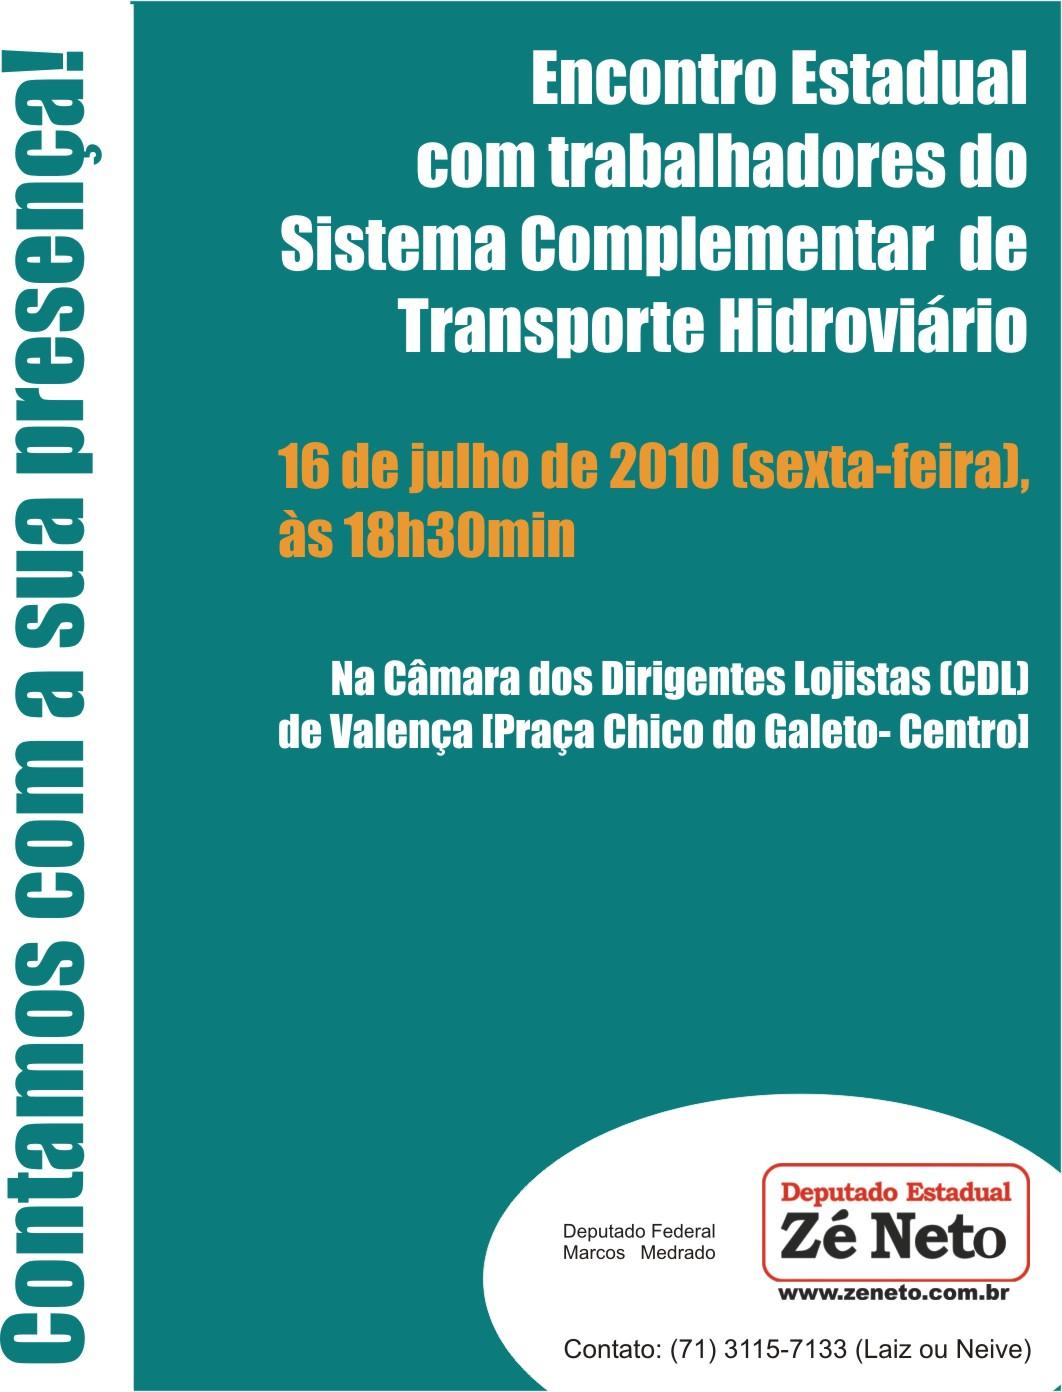 Encontro Estadual com Trabalhadores do Sistema do Transporte Complementar de Transporte Hidroviário